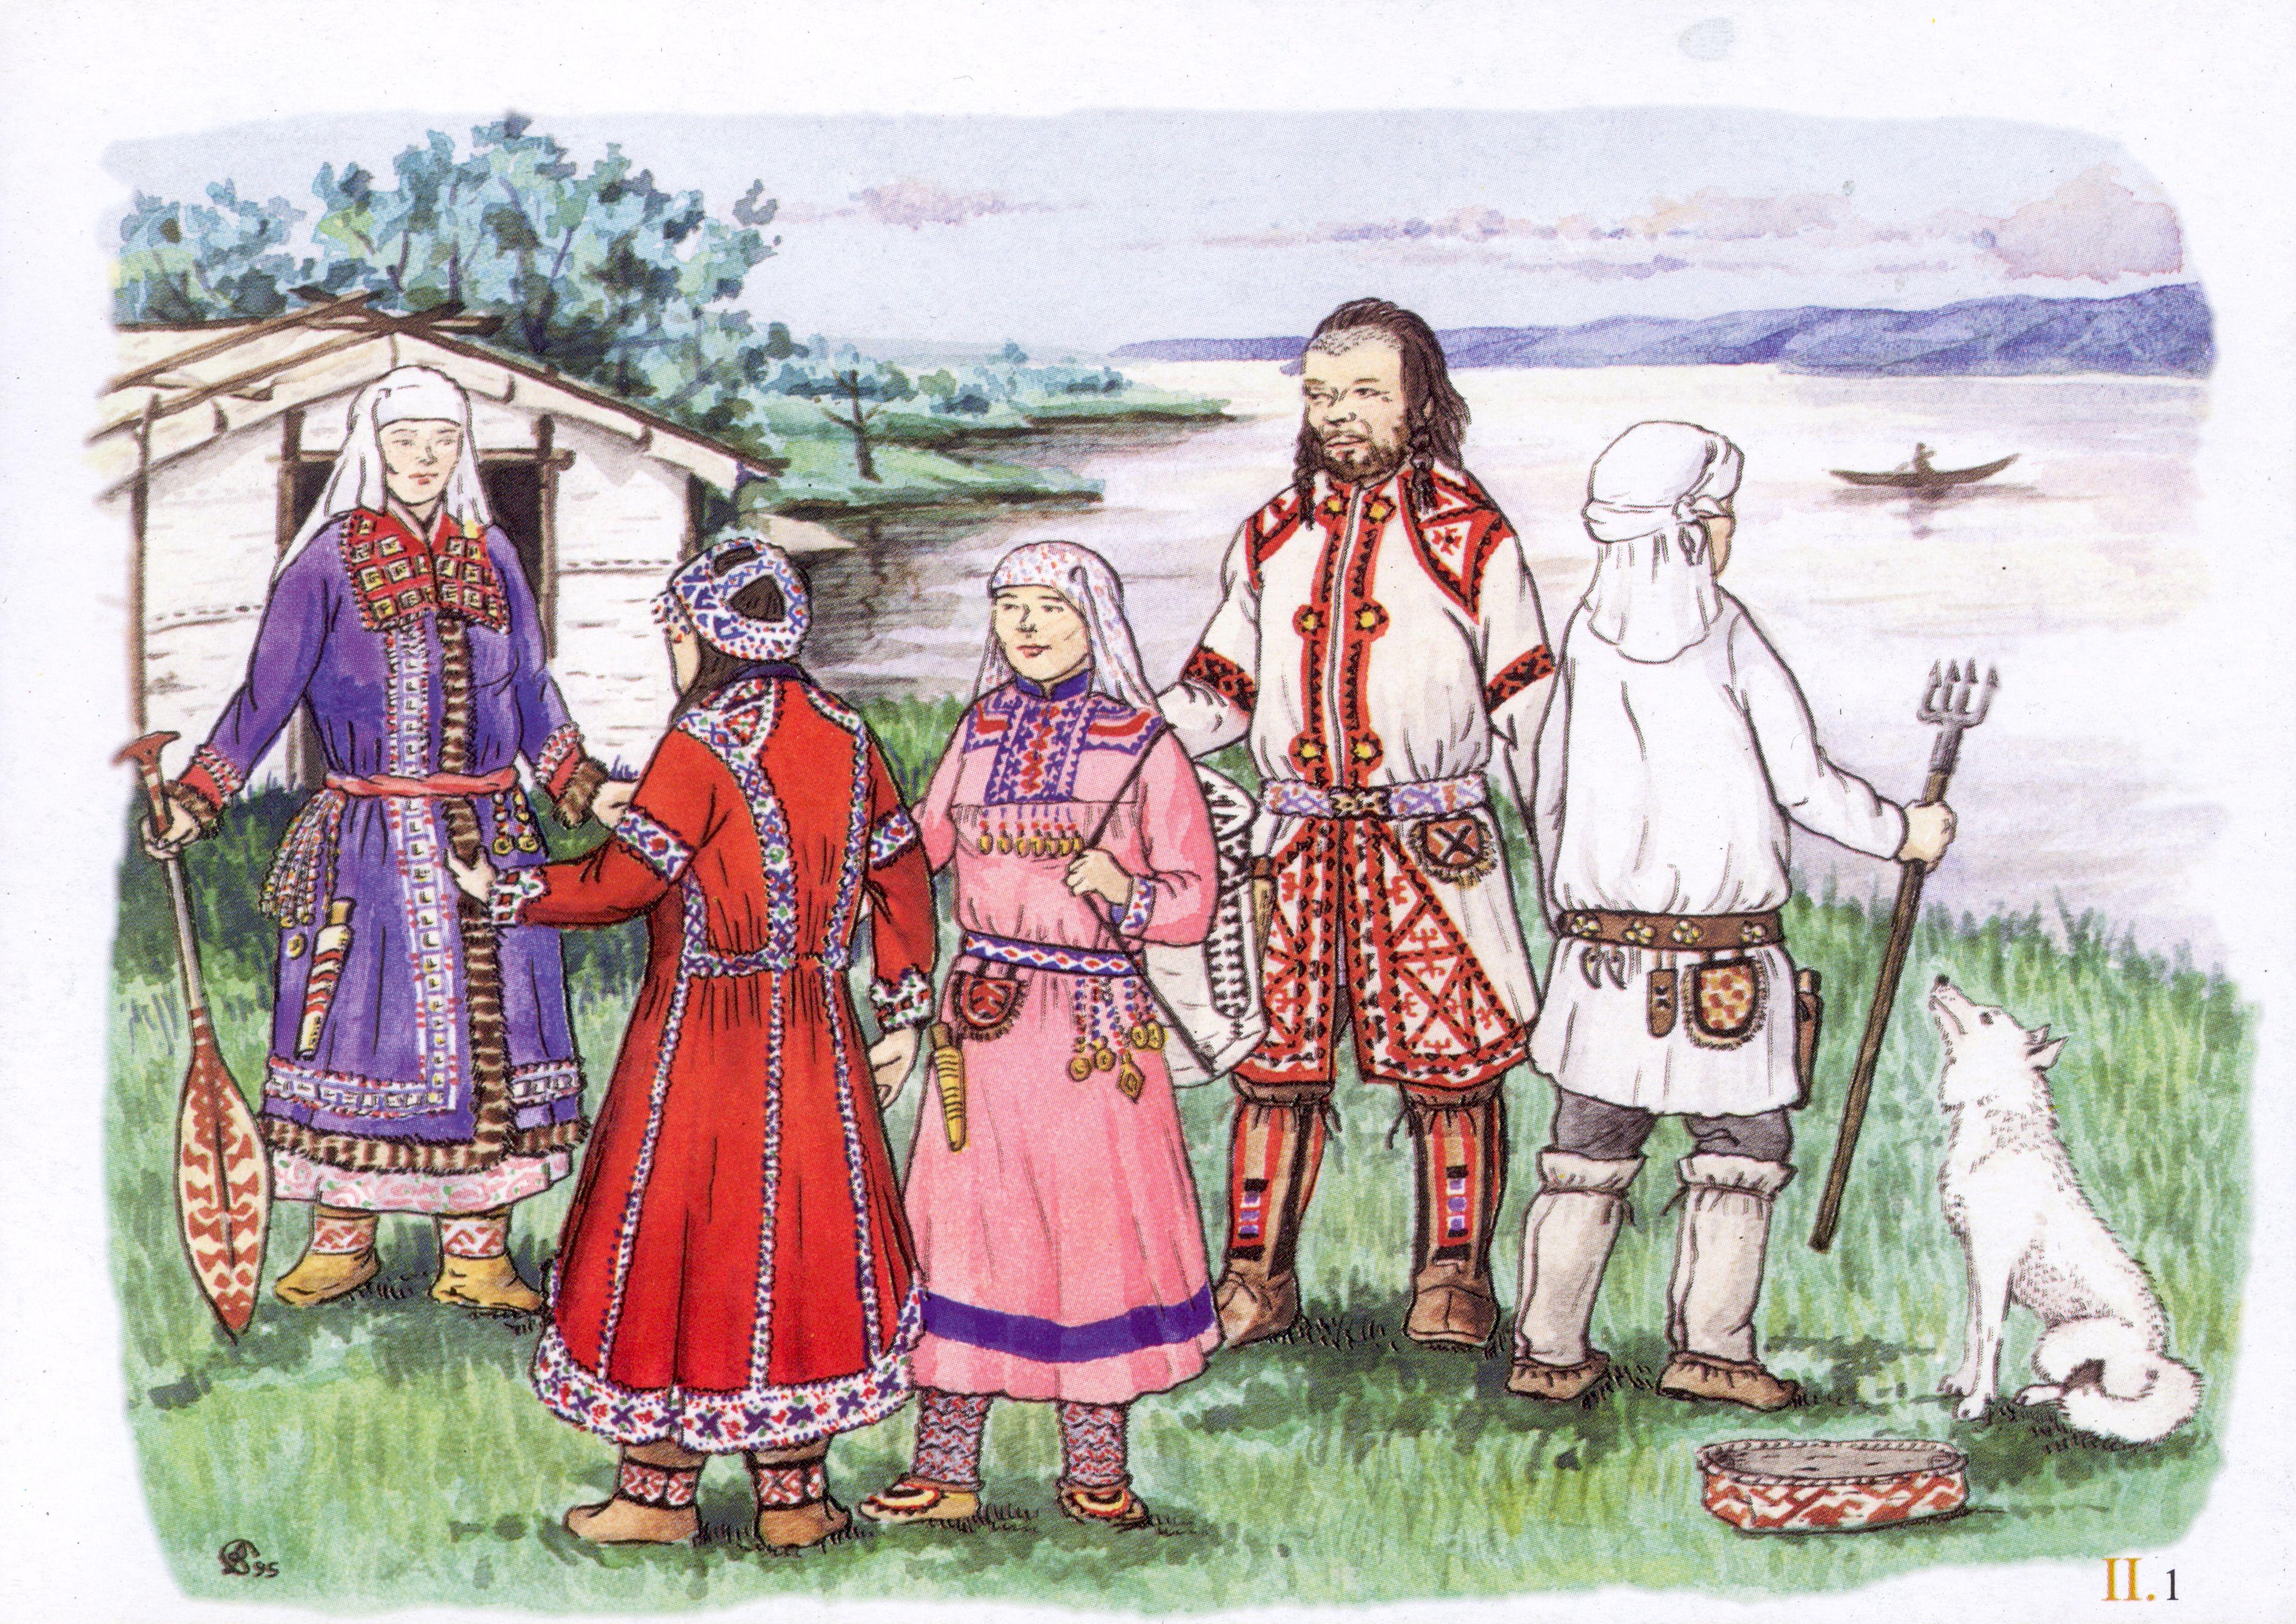 Картинки ханты и манси в национальных костюмах